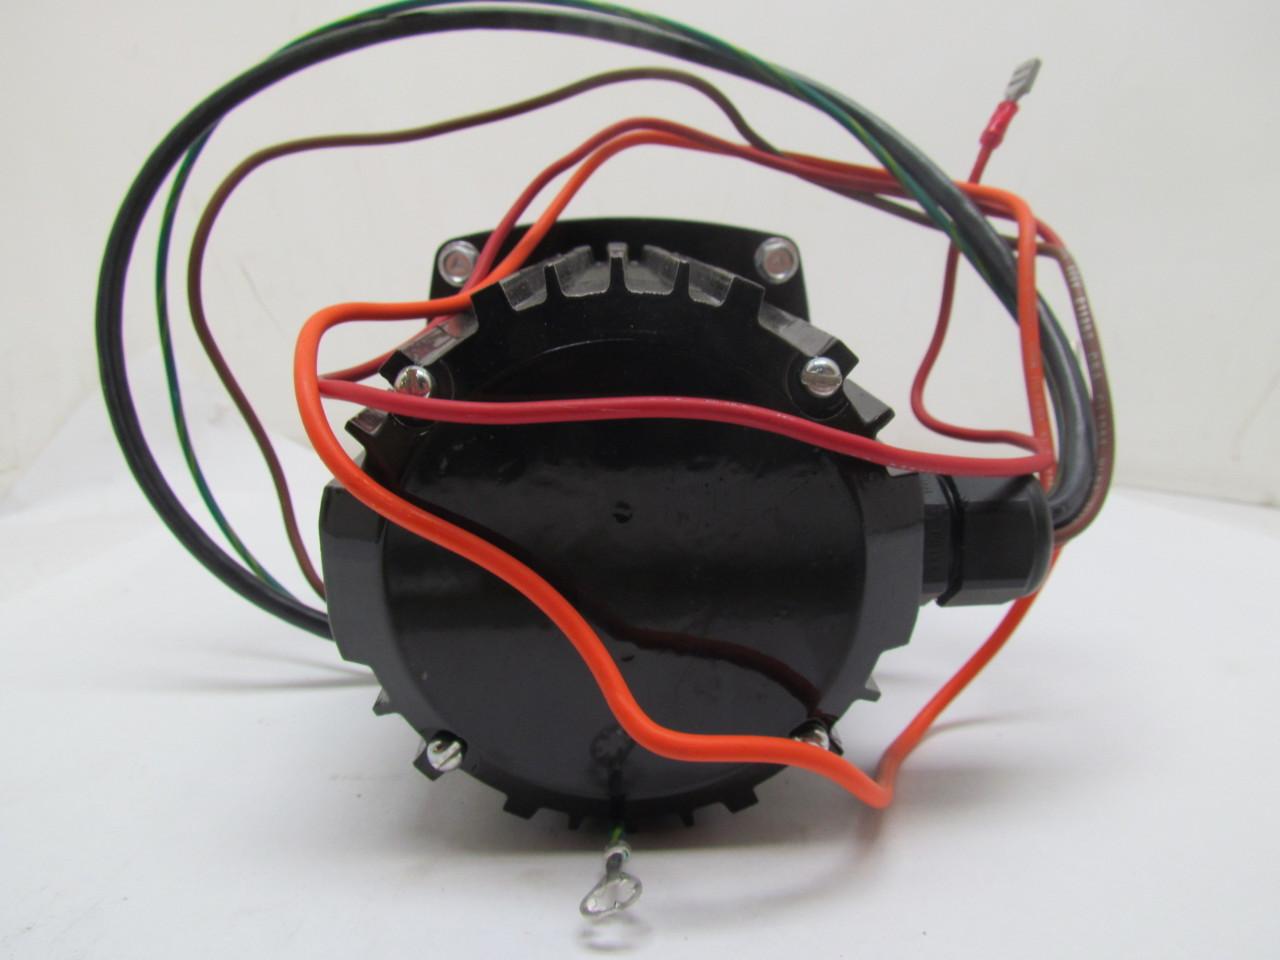 Wiring Bodine Diagram Motor 48r6bfsi F3bodine Diagrams Tarp Gear 12 Volt B30